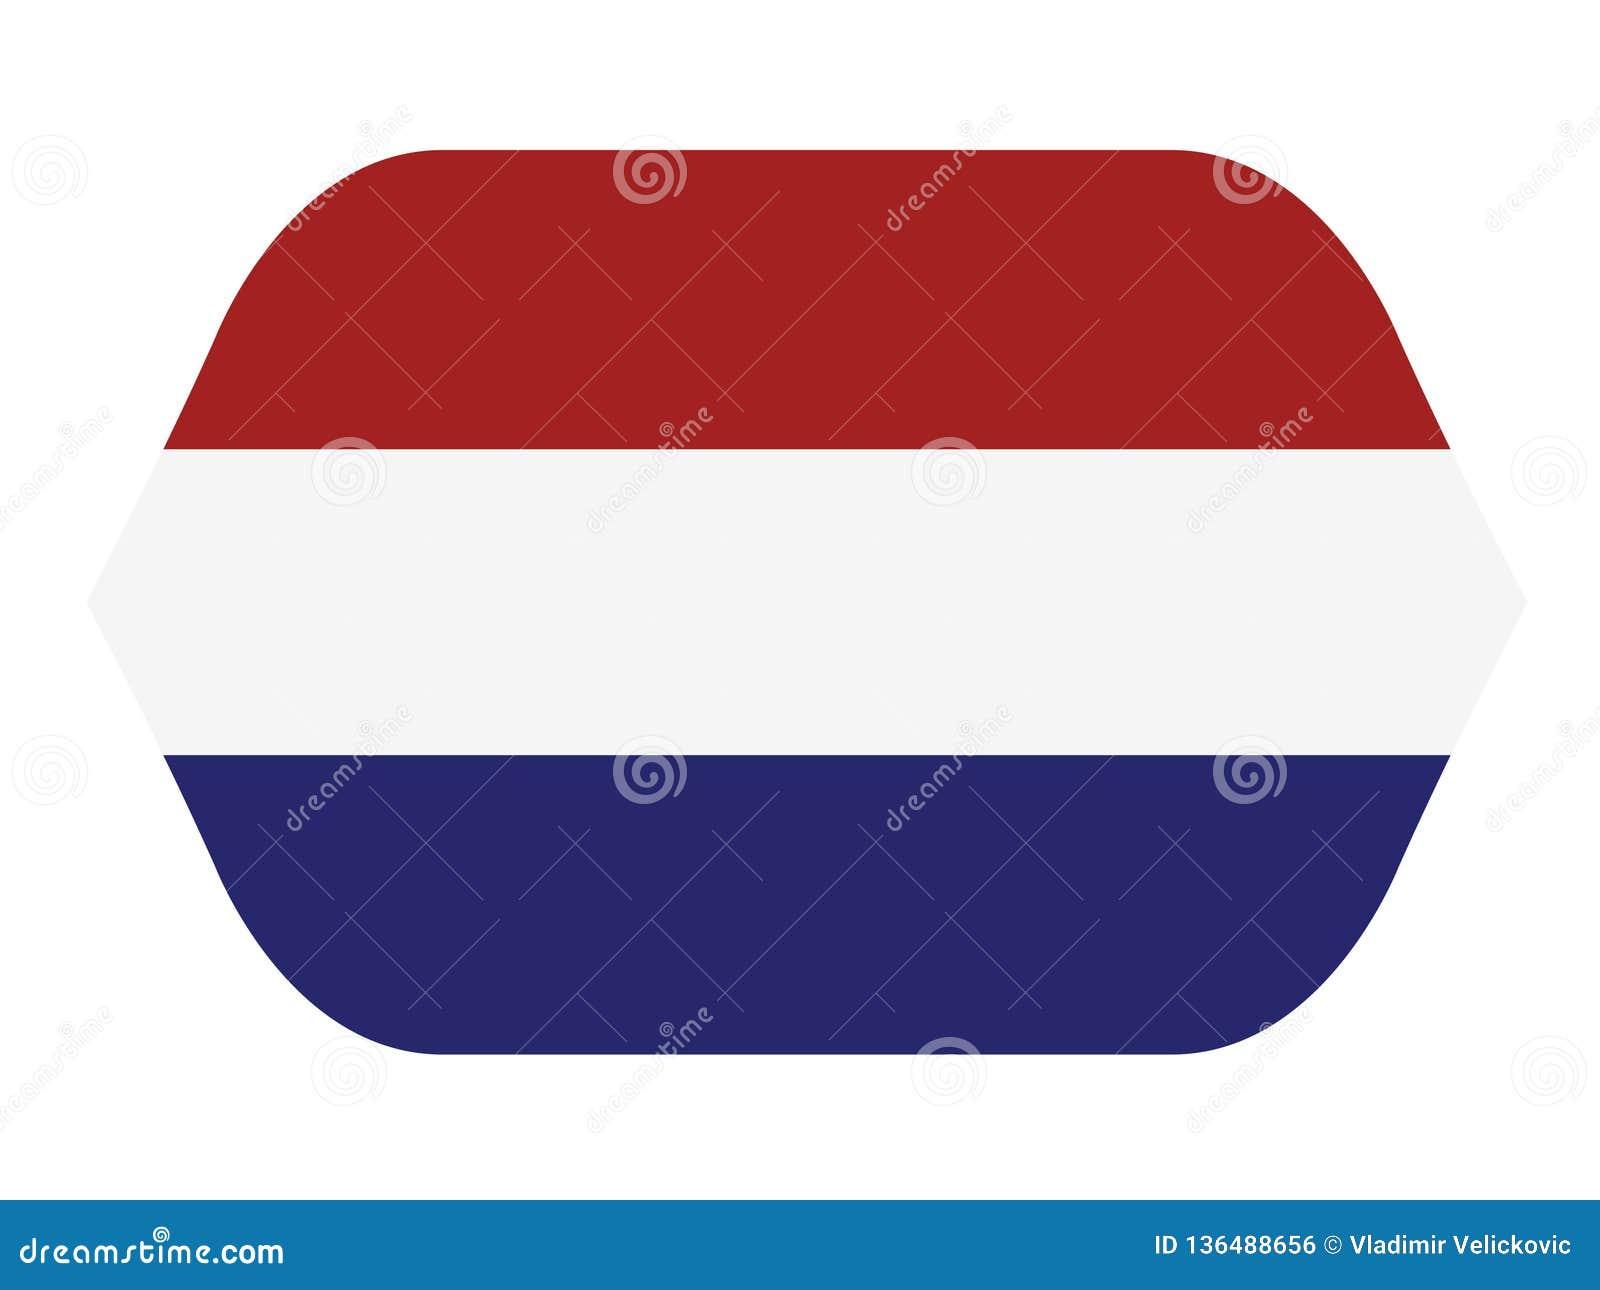 荷兰旗子-荷兰是主要位于欧洲西北部的国家